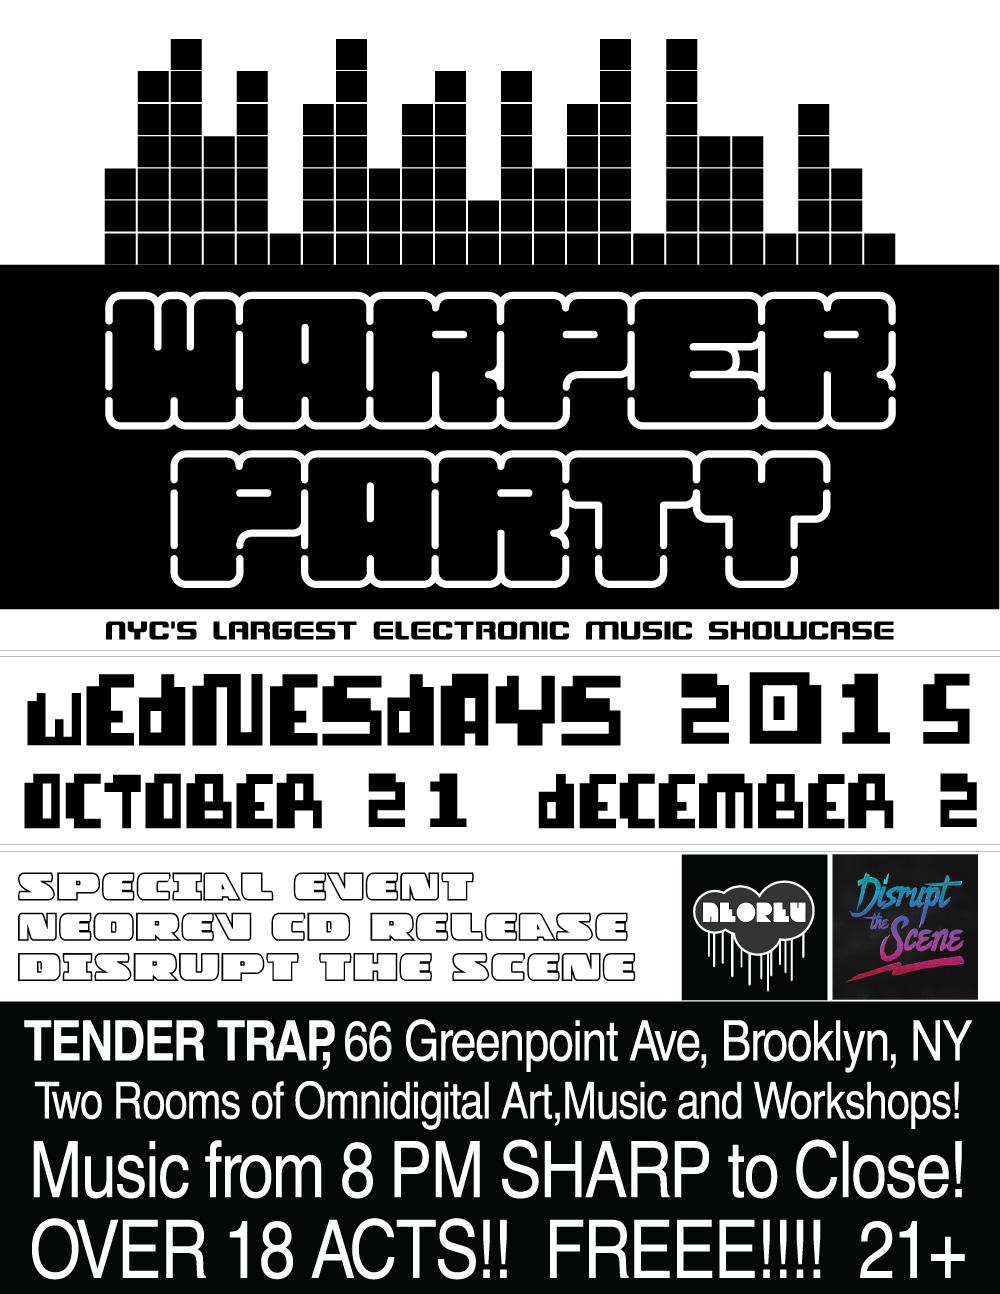 WARPER PARTY TENDER TRAP 10-21-2015